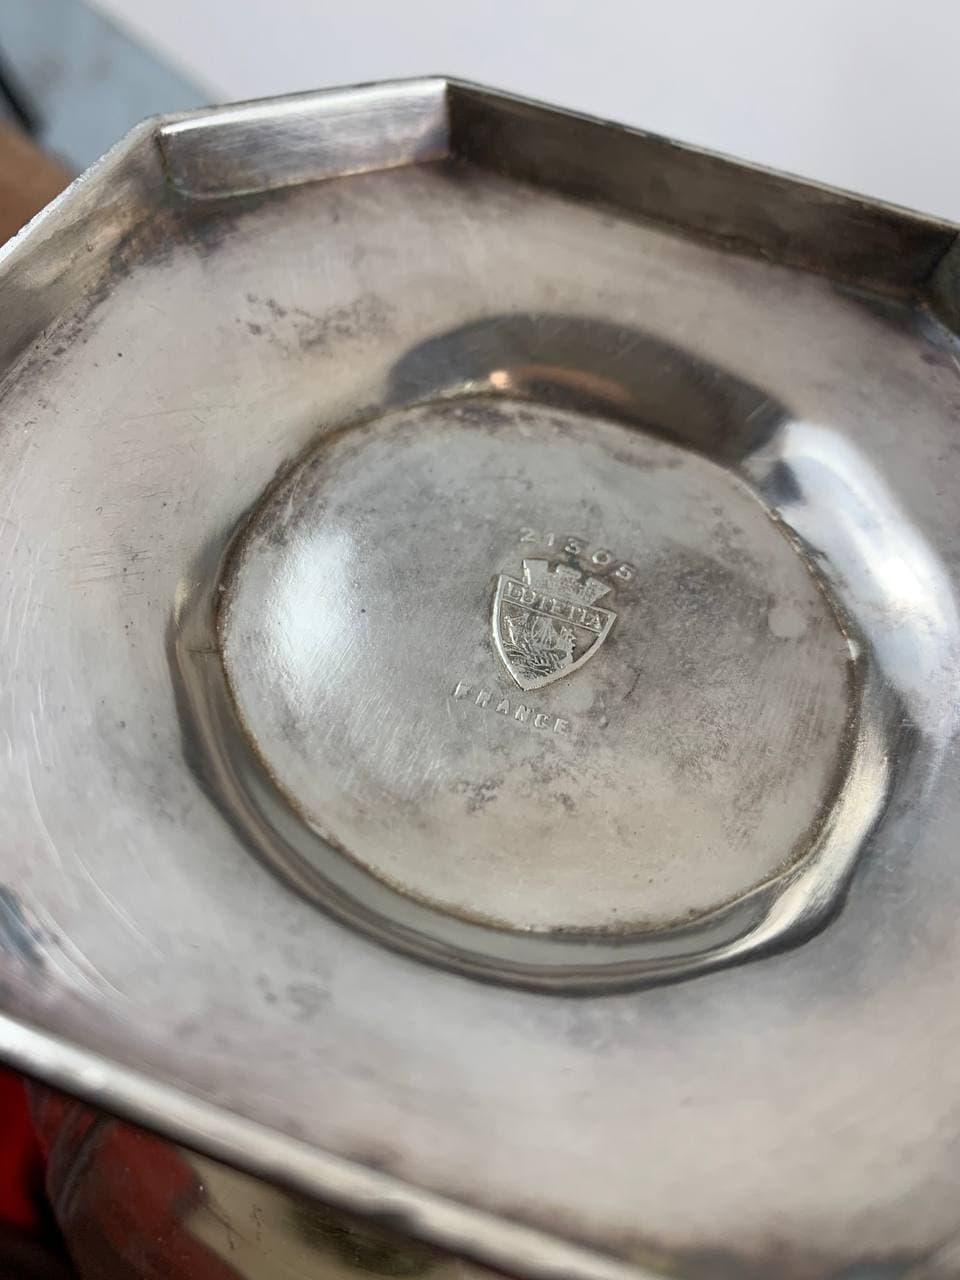 Антикварный графин из хрусталя и посеребрённого металла бренда LUTETIA